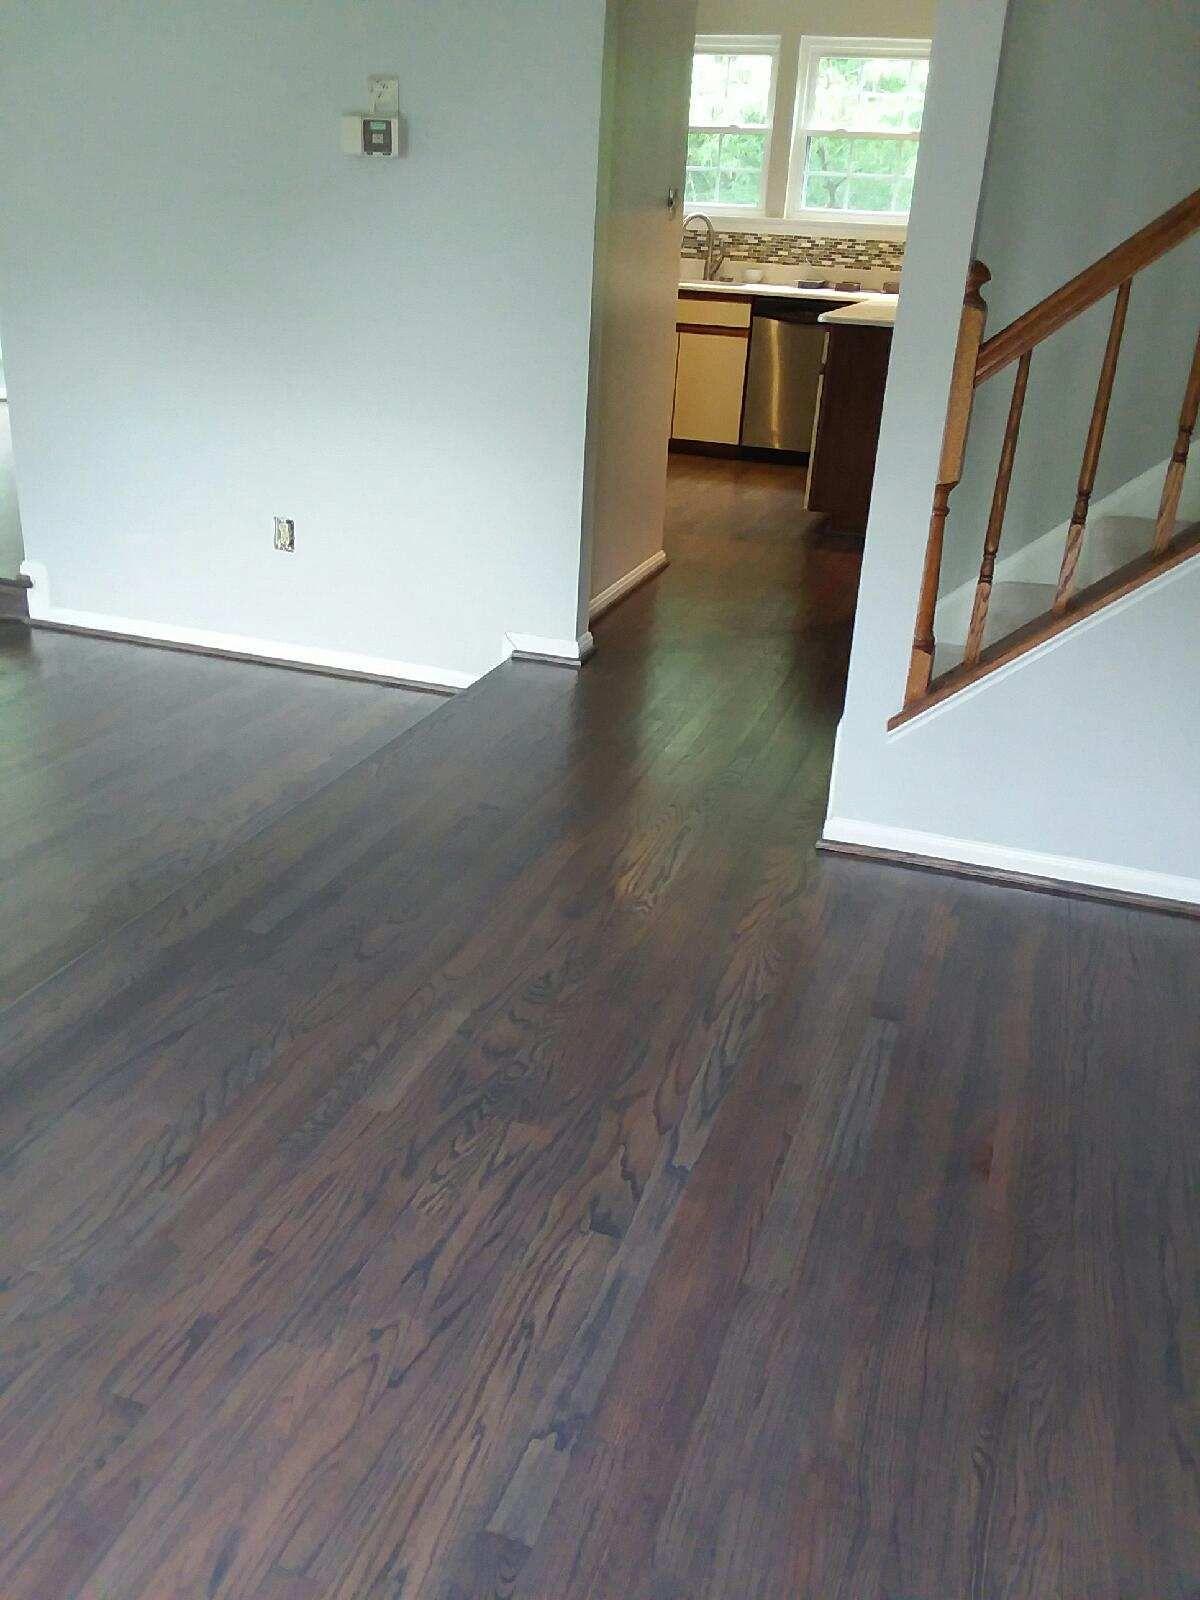 Minwax 50 Ebony and 50 Classic Gray hardwood floors with